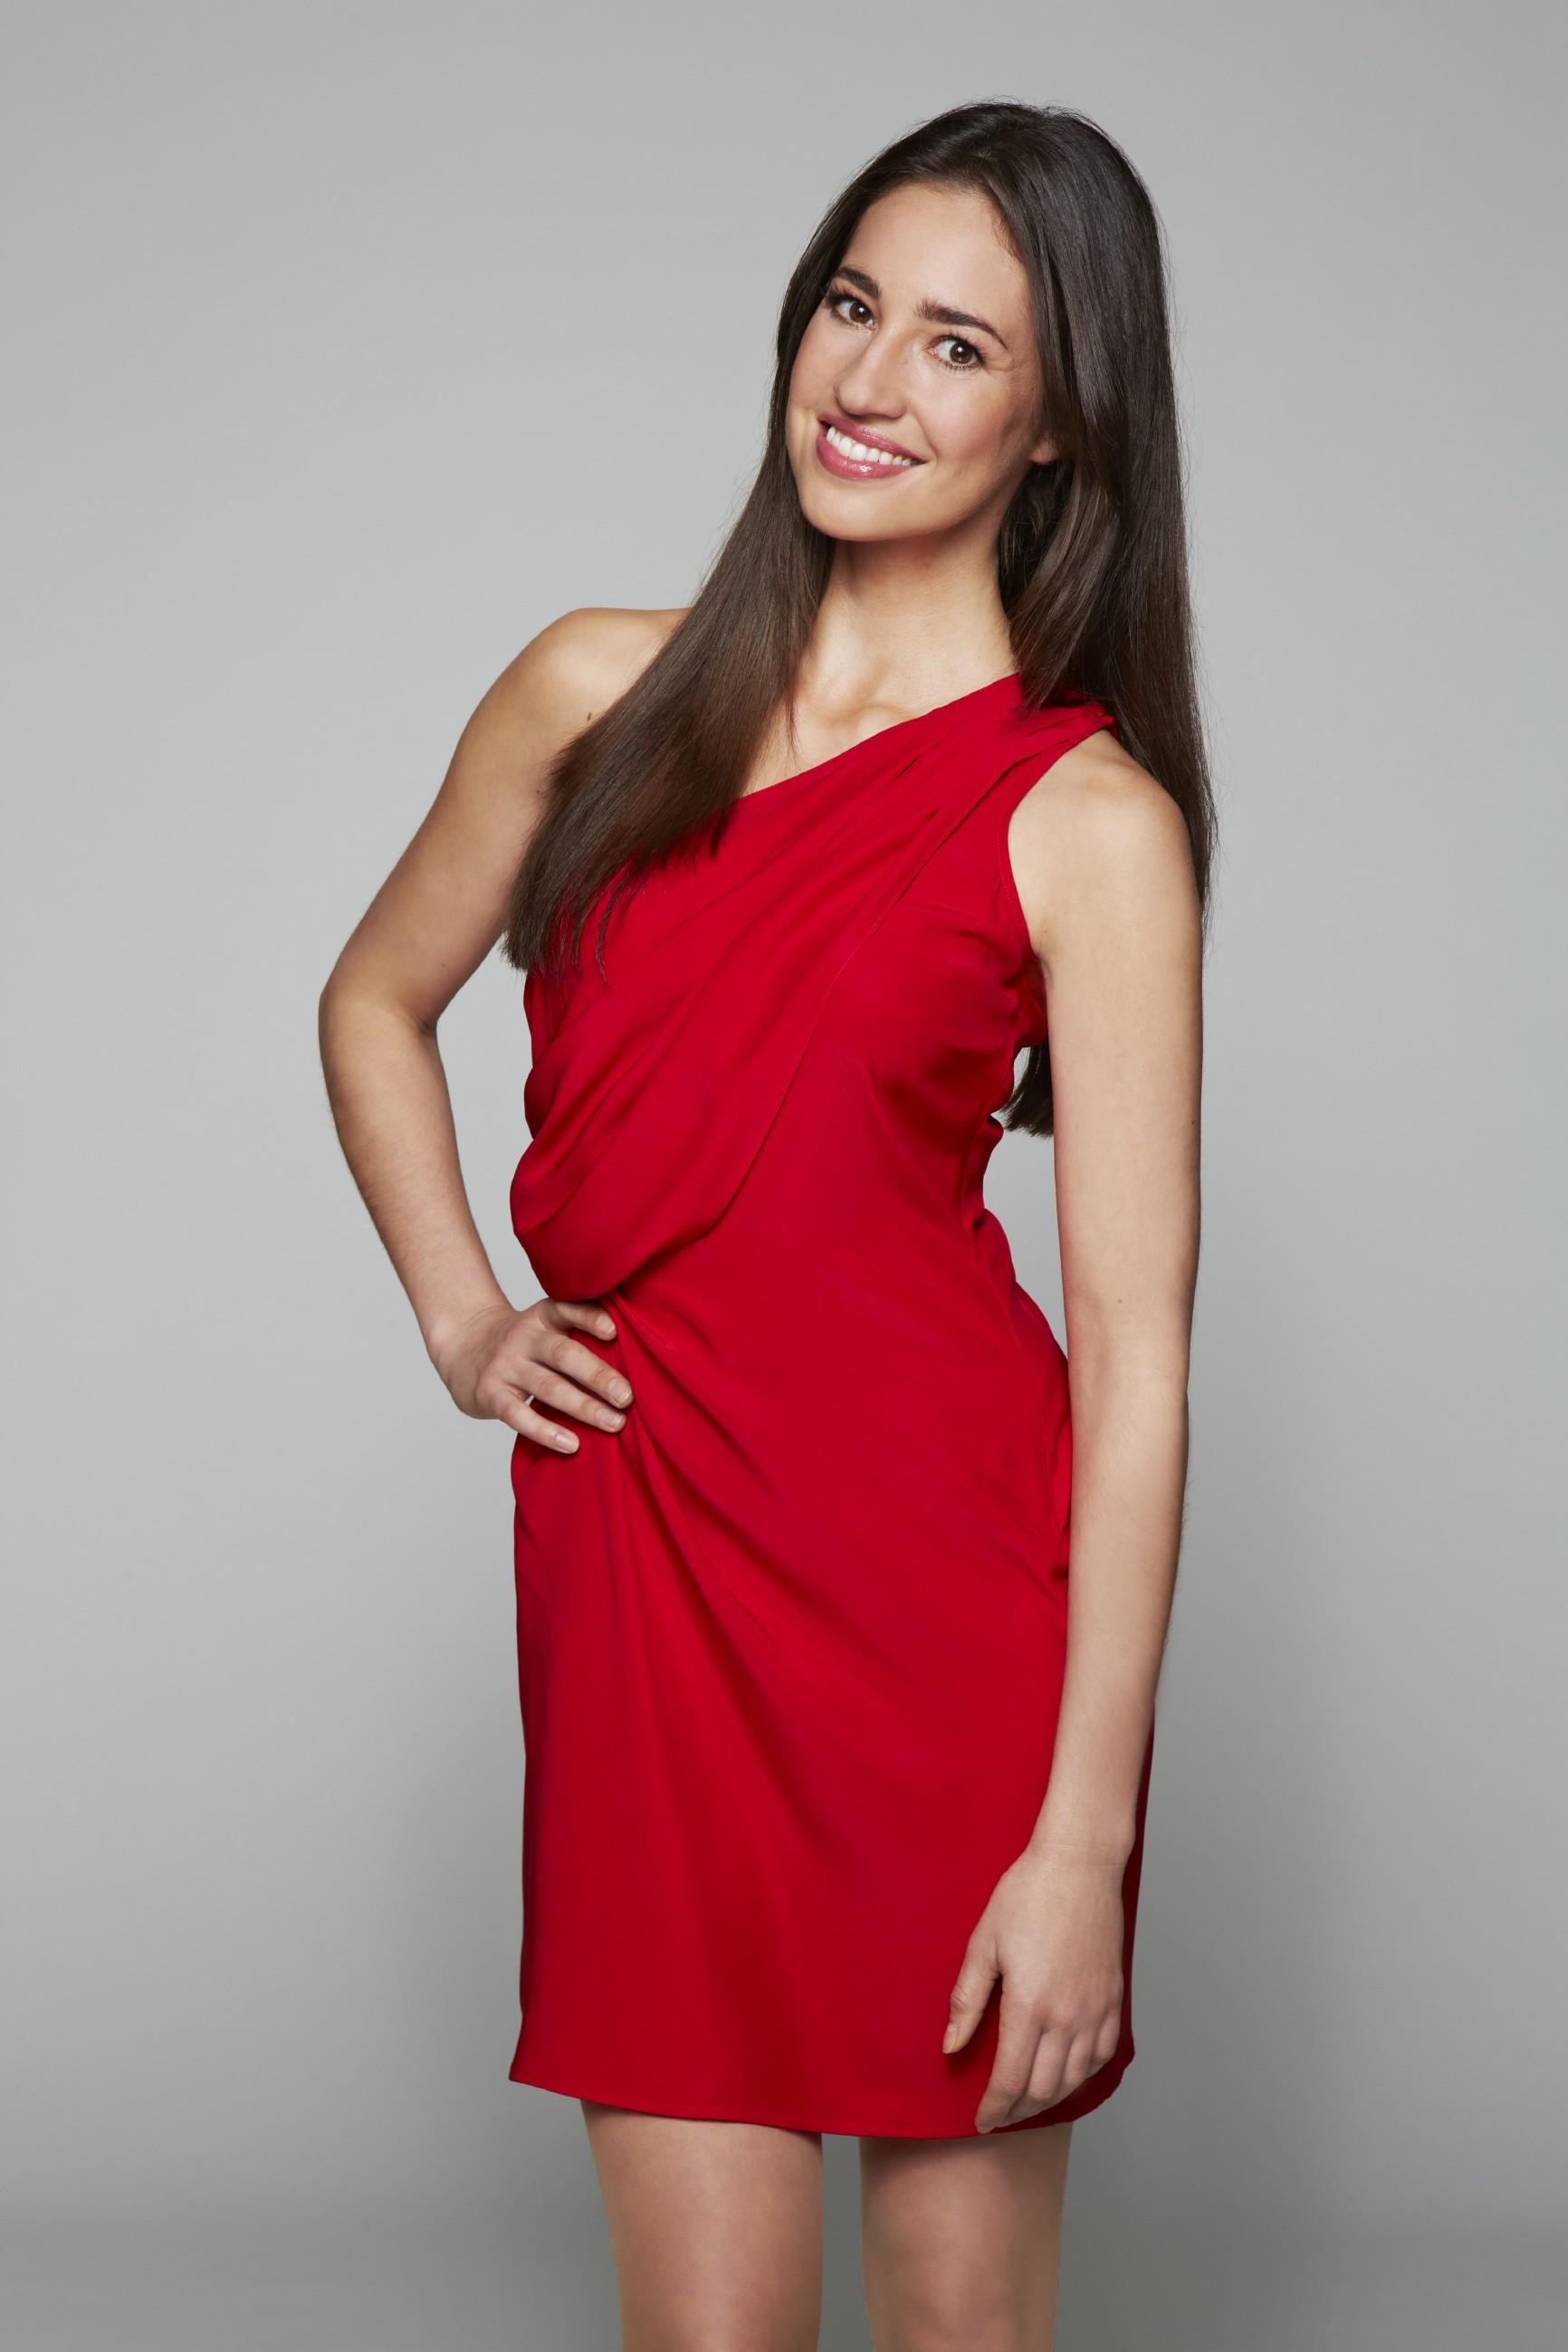 Elena Garcia Gerlach spielt Elena Castillo